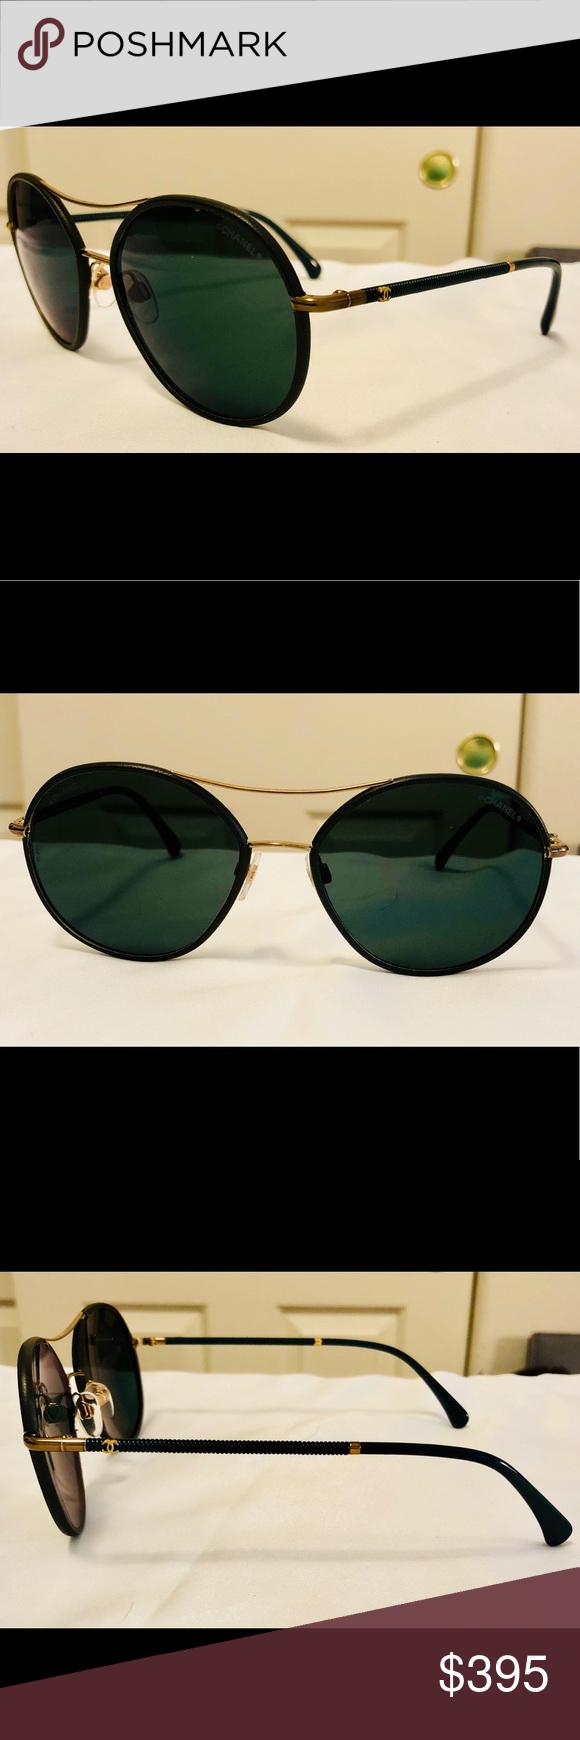 54c0cb1820436 EUC Pilot Chanel Dark Green Sunglasses 4228-Q Coming CHANEL Accessories  Sunglasses